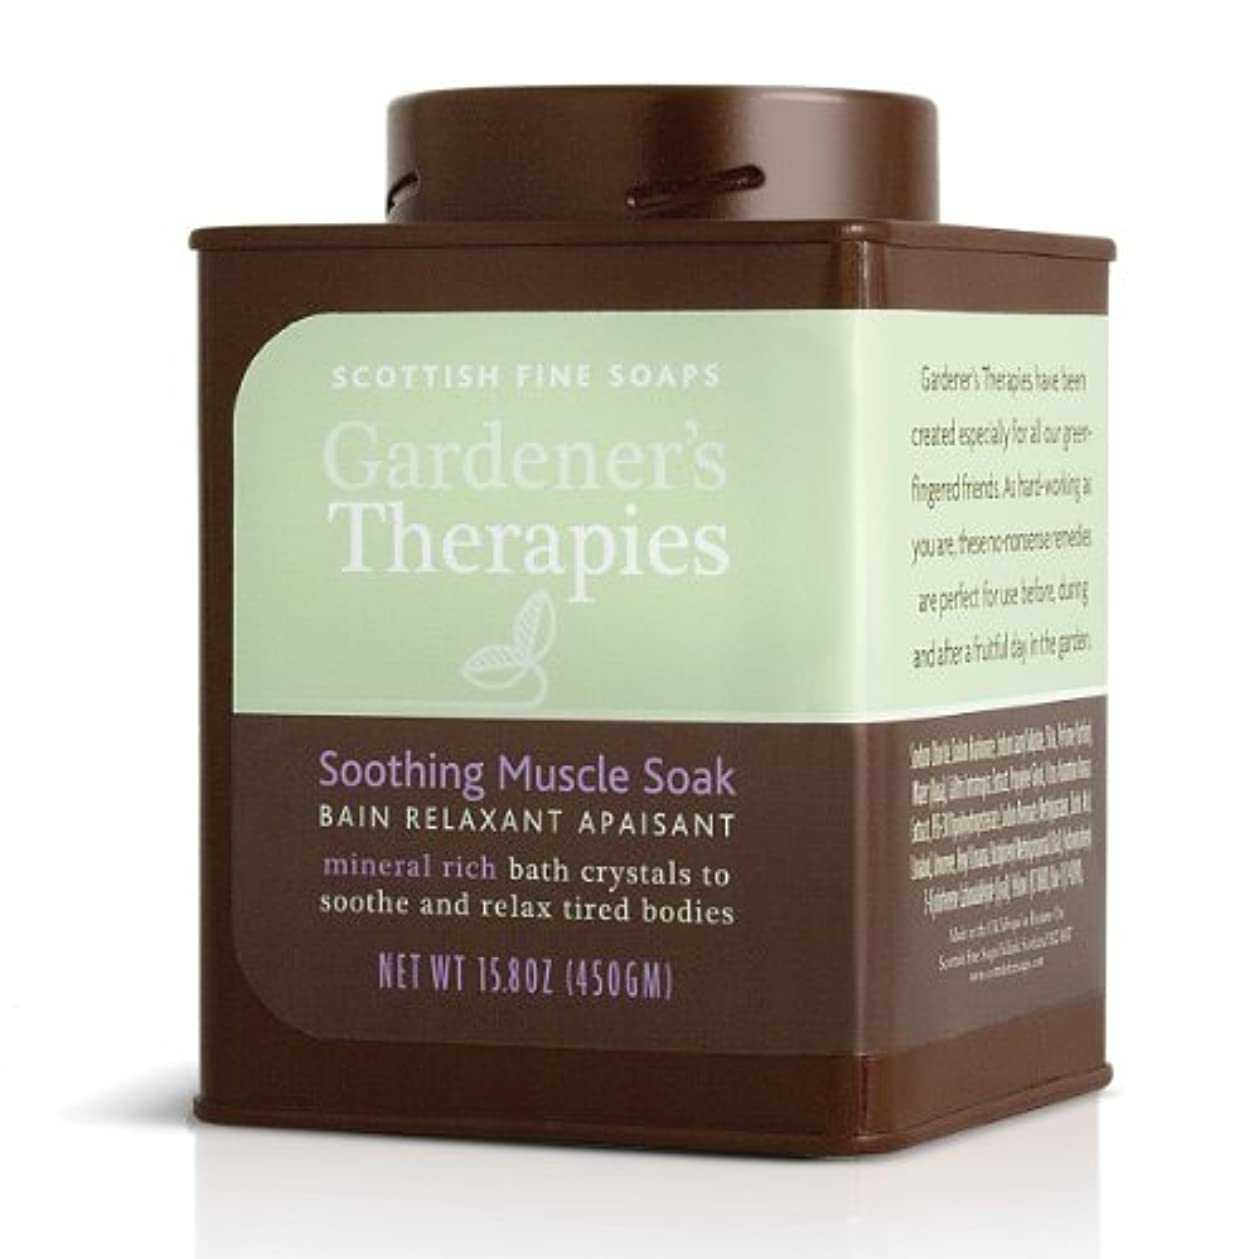 側溝動く拍手SCOTTISH FINE SOAPS(スコティッシュファインソープ) Gardener's Therapies(ガーデンセラピーシリーズ) リラクシングバスパウダー 500g 5016365005548